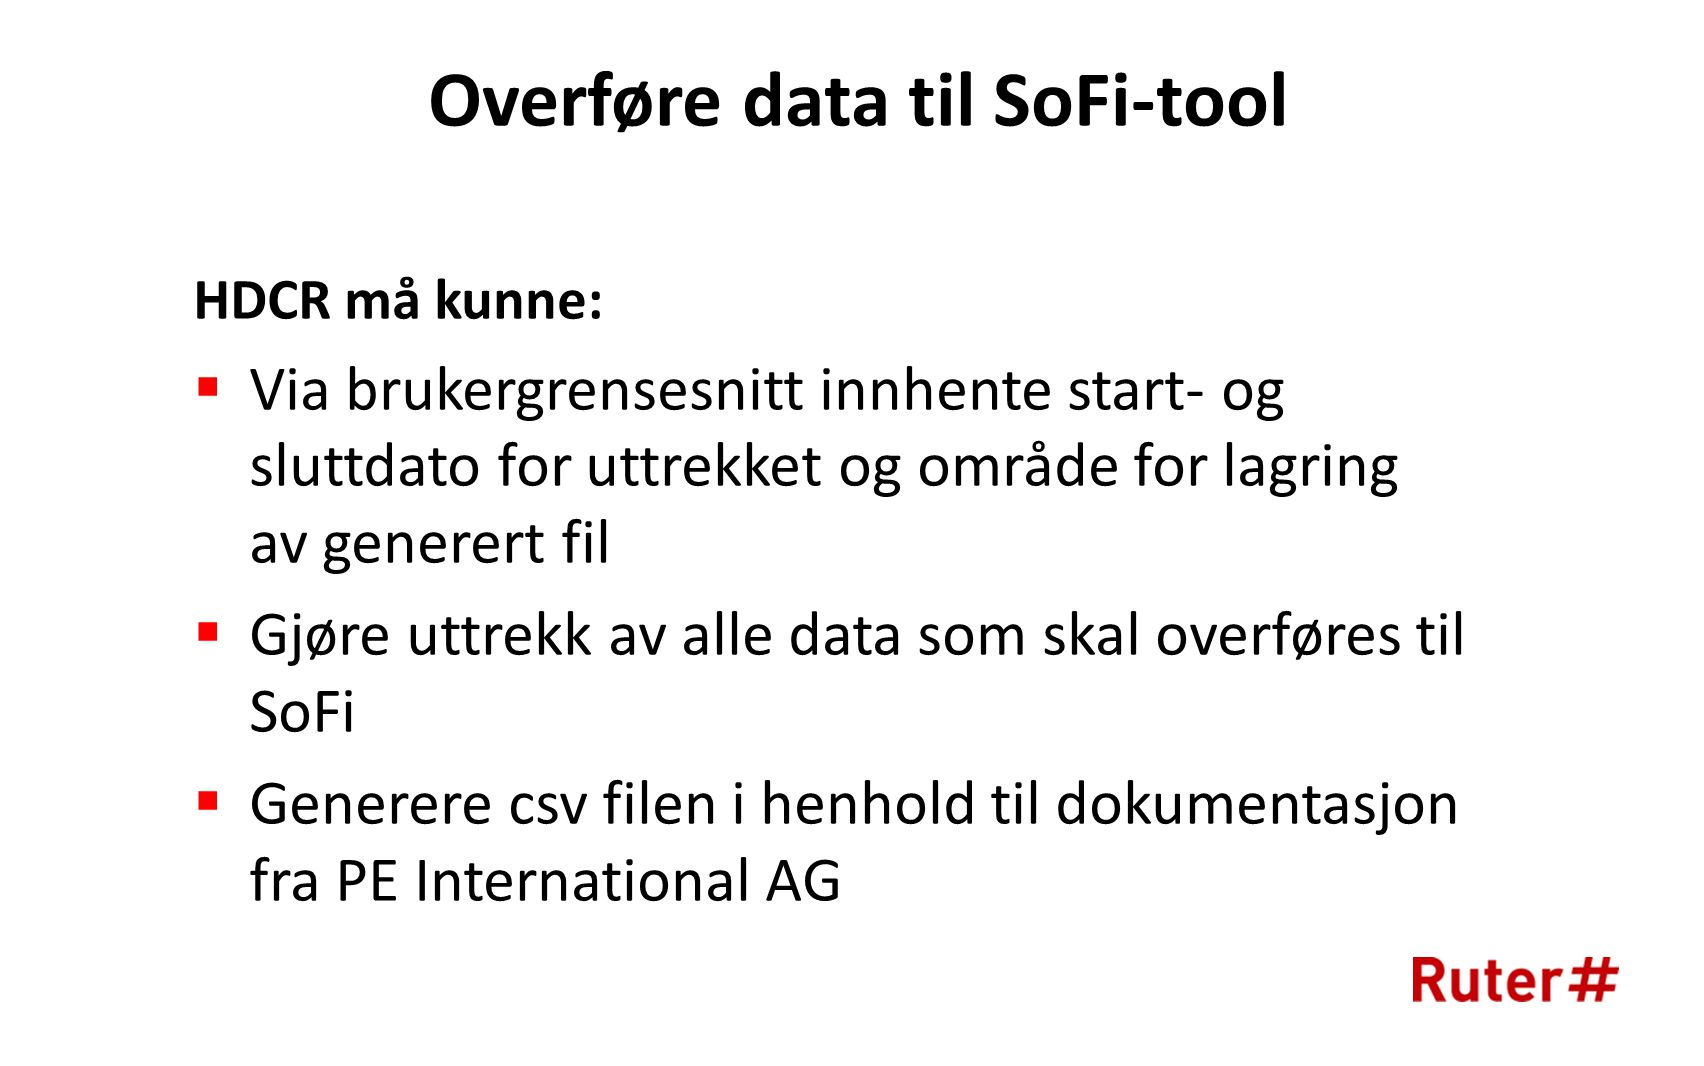 Overføre data til SoFi-tool HDCR må kunne:  Via brukergrensesnitt innhente start- og sluttdato for uttrekket og område for lagring av generert fil  Gjøre uttrekk av alle data som skal overføres til SoFi  Generere csv filen i henhold til dokumentasjon fra PE International AG